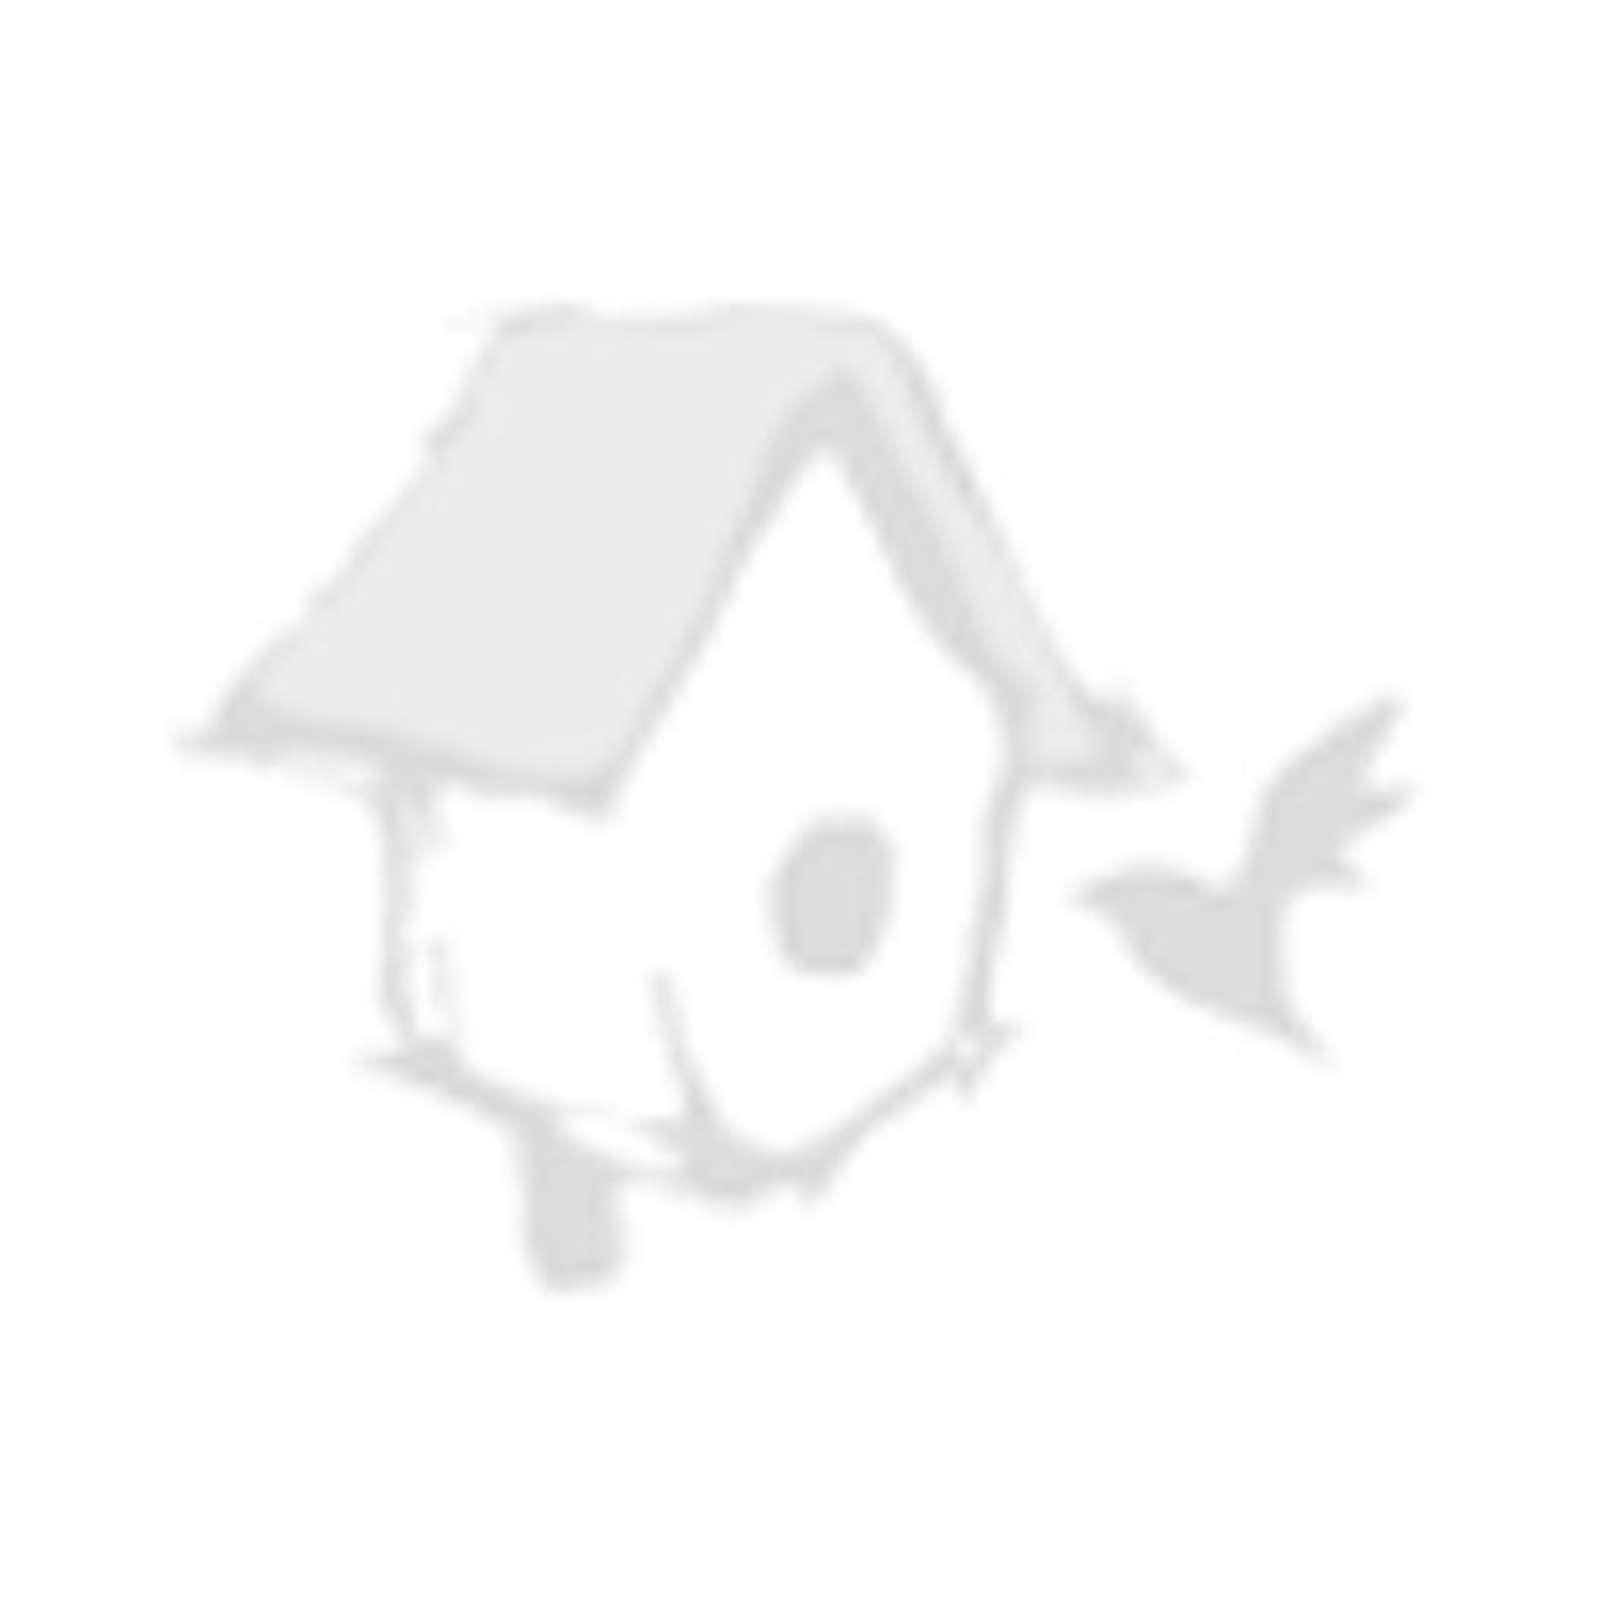 """Очки ЗУБР """"ЭКСПЕРТ"""" защитные с непрямой вентиляцией с антизапотевающим покрытием, линза поликарбонатная"""